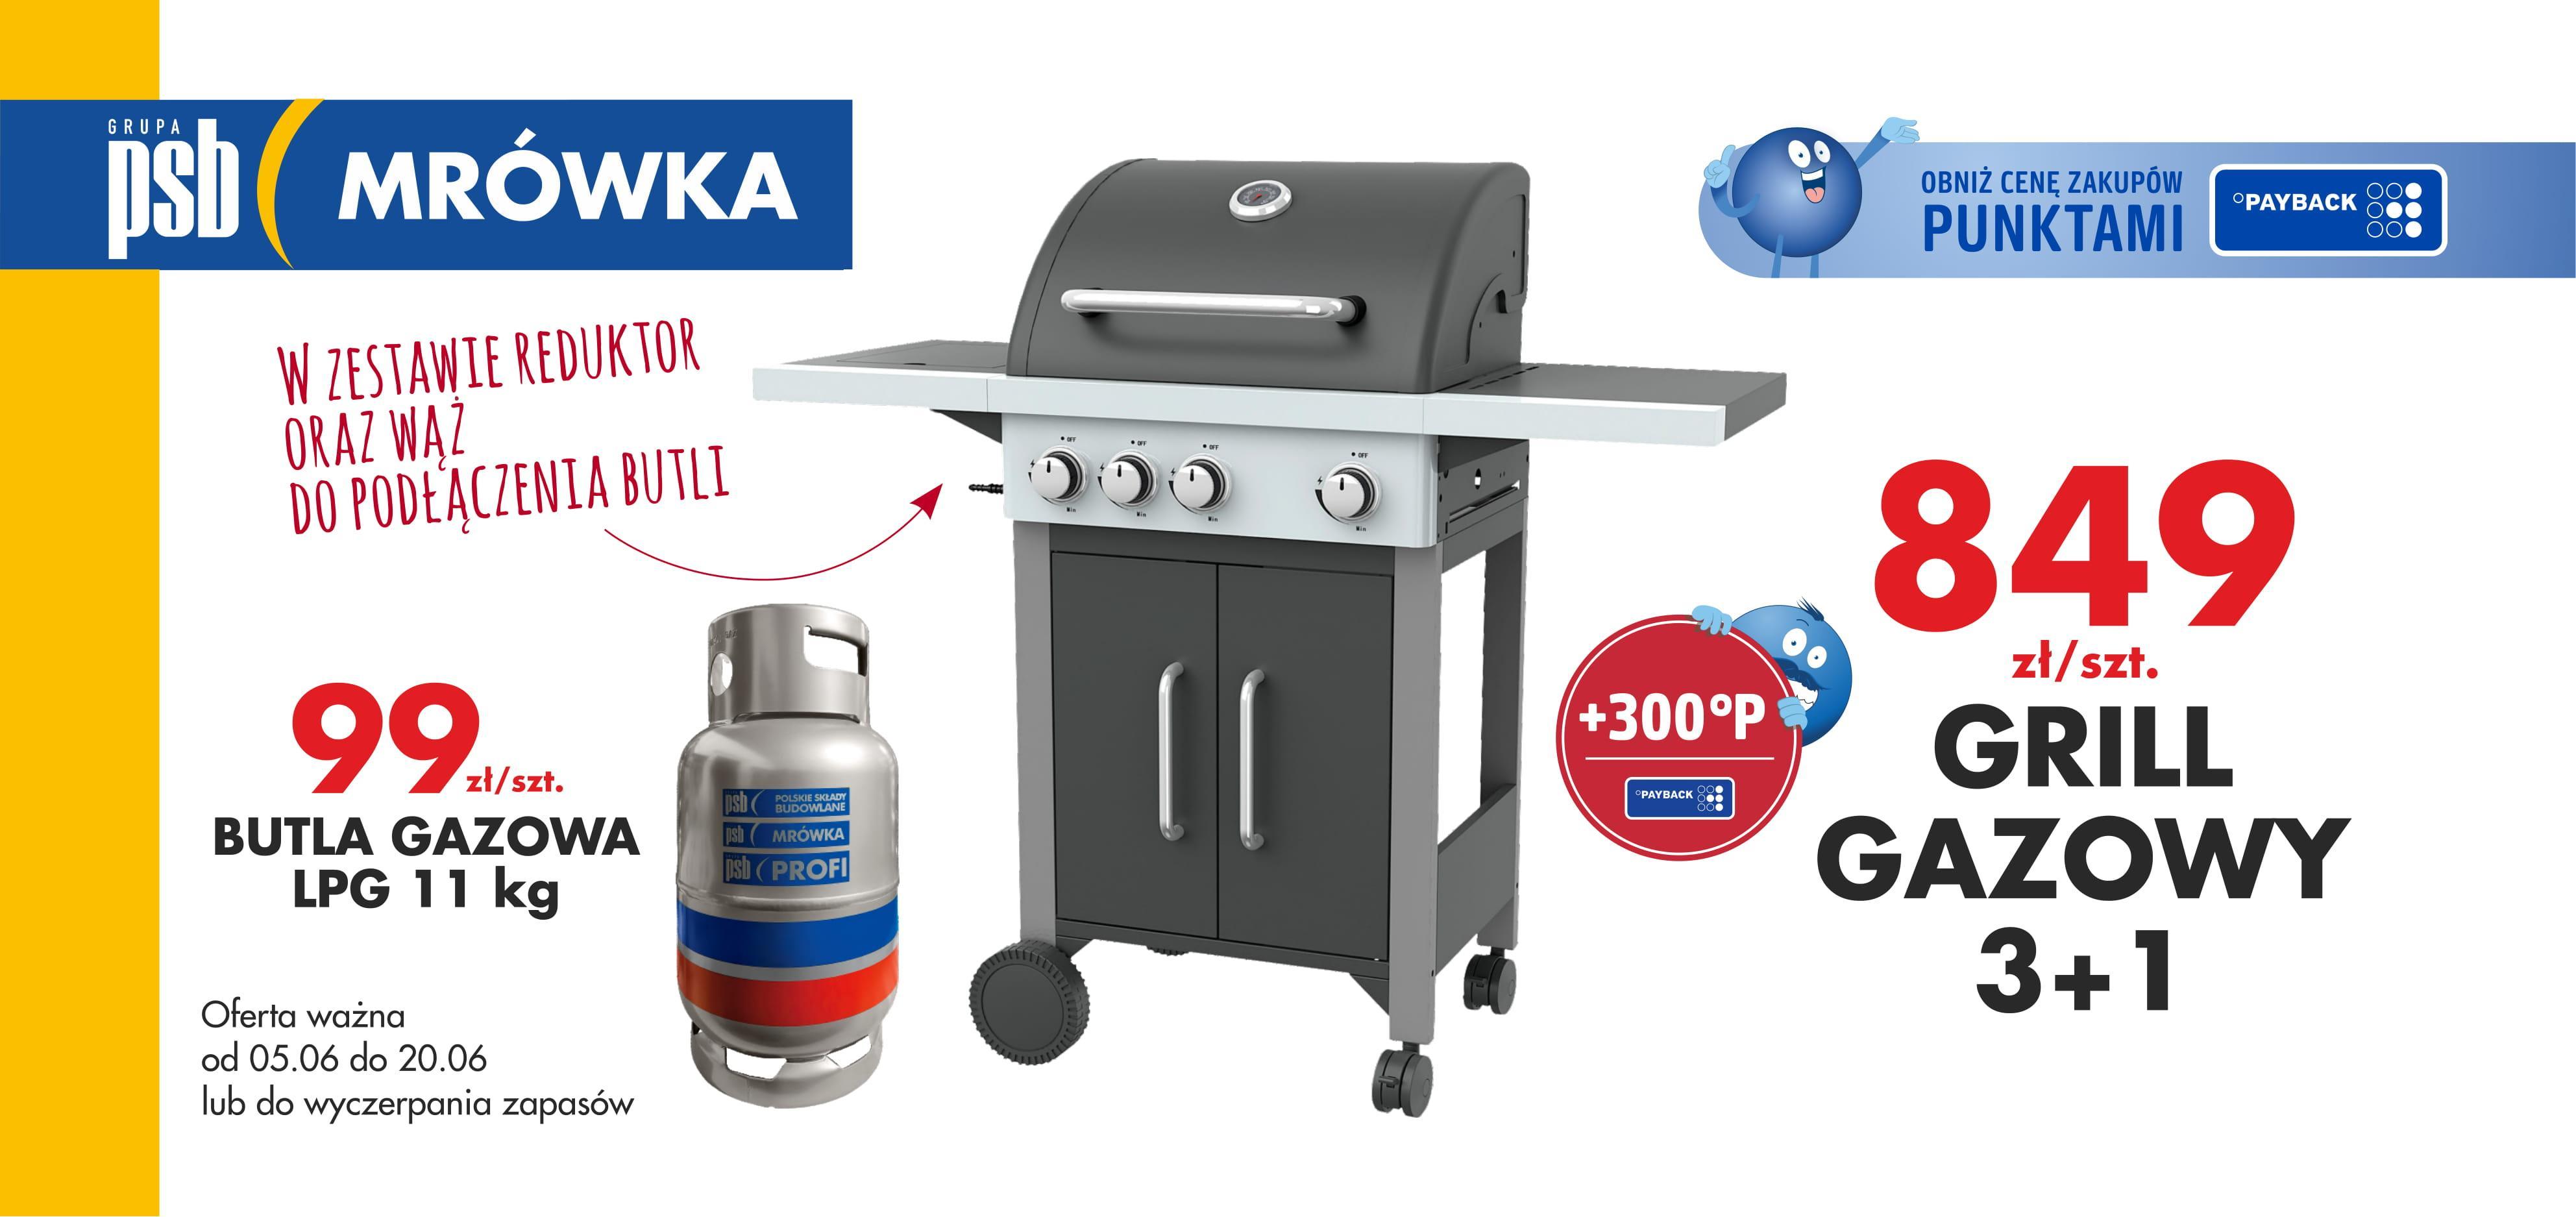 Grill-gazowy-504x238-1